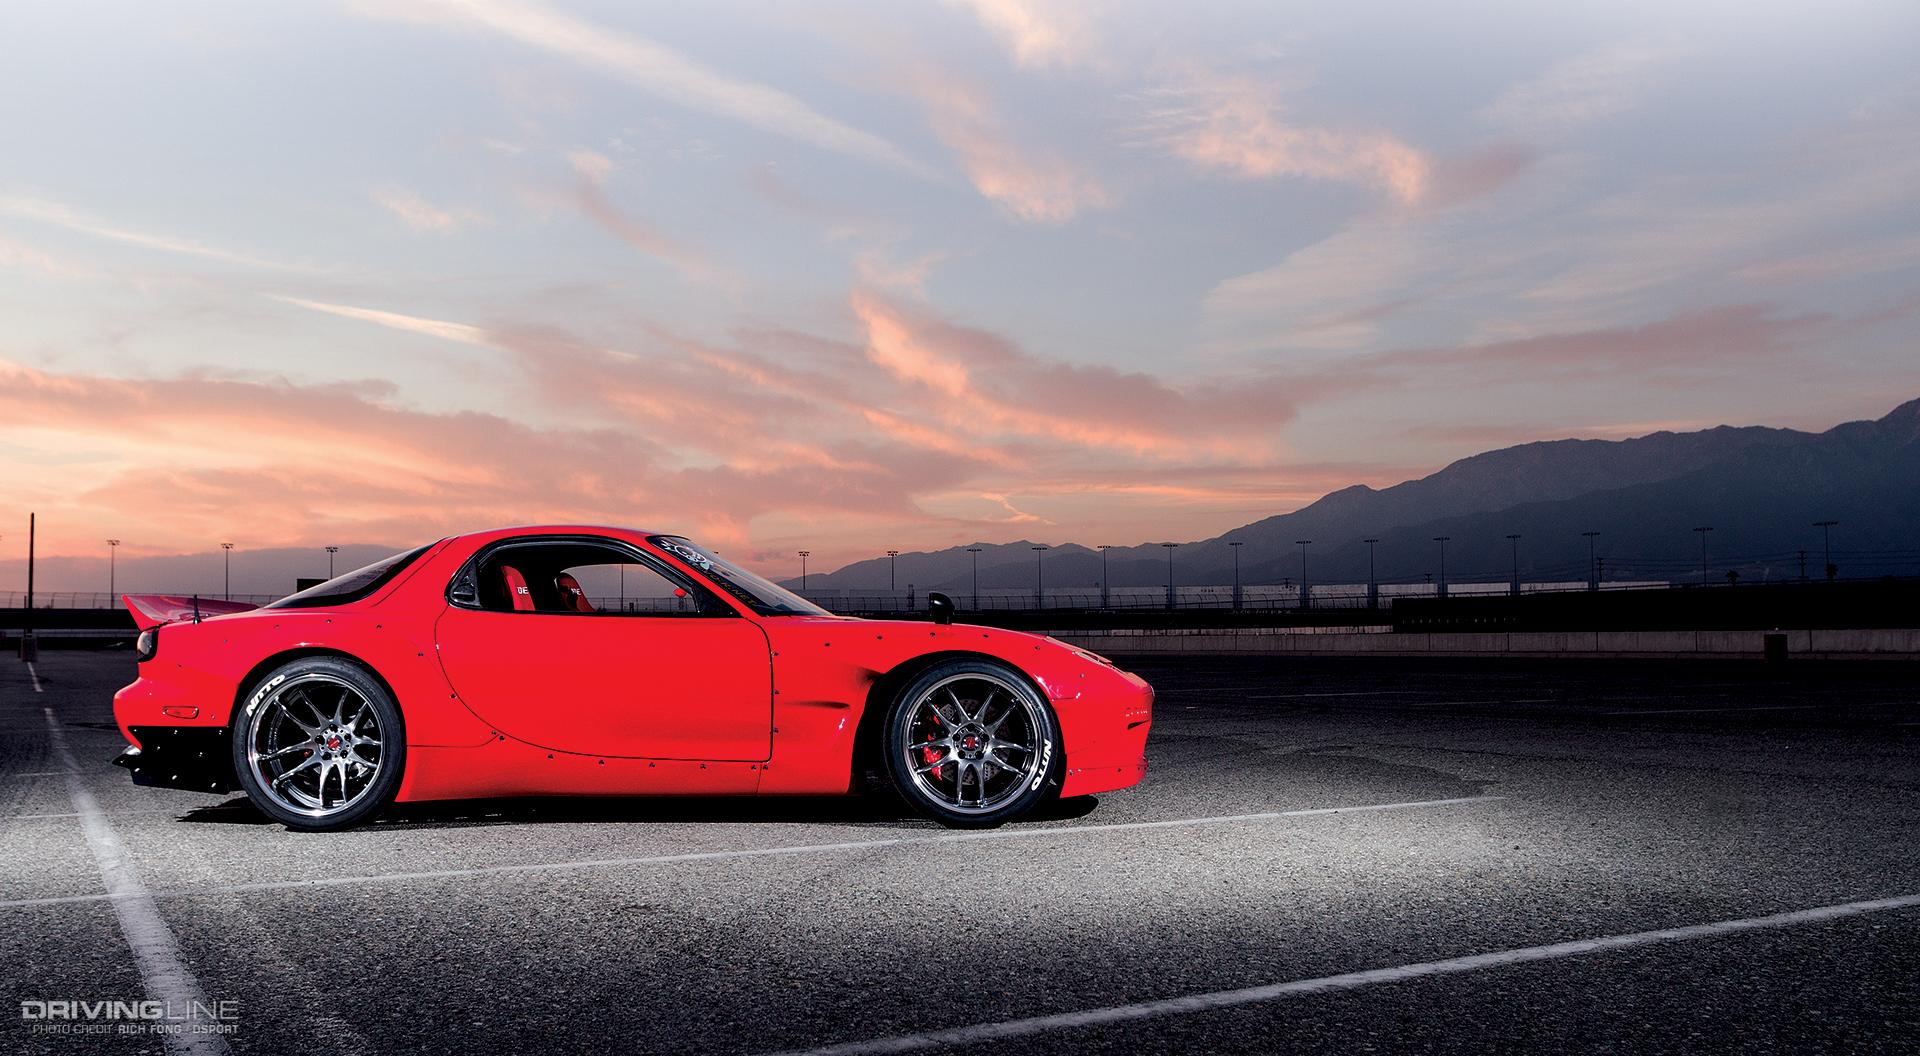 2016 Mazda Rx7 >> RX-7 Rebirth   DrivingLine